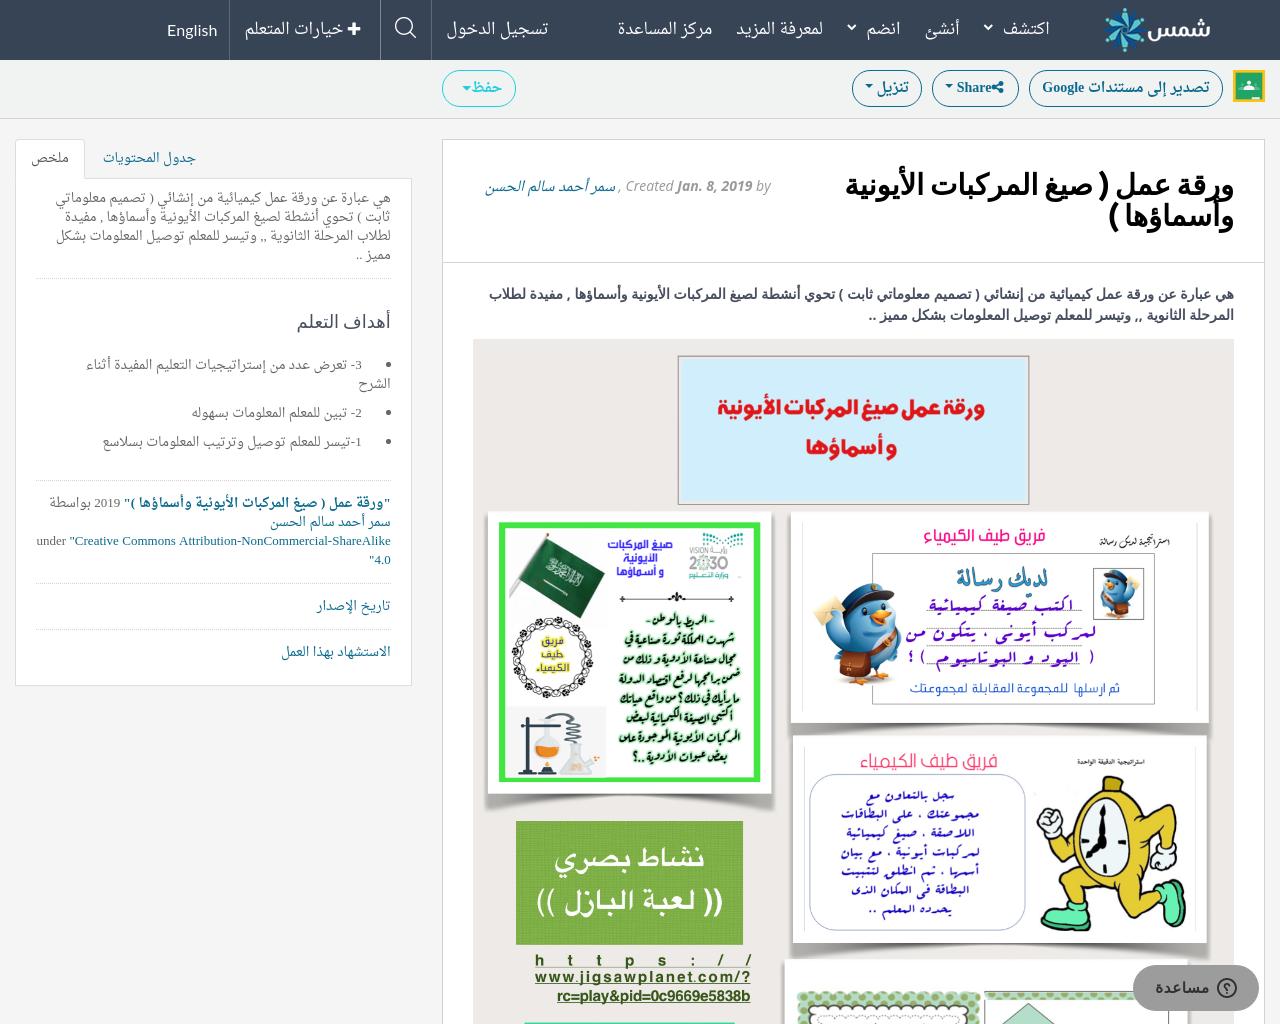 ورقة عمل صيغ المركبات الأيونية وأسماؤها Shms Saudi Oer Network